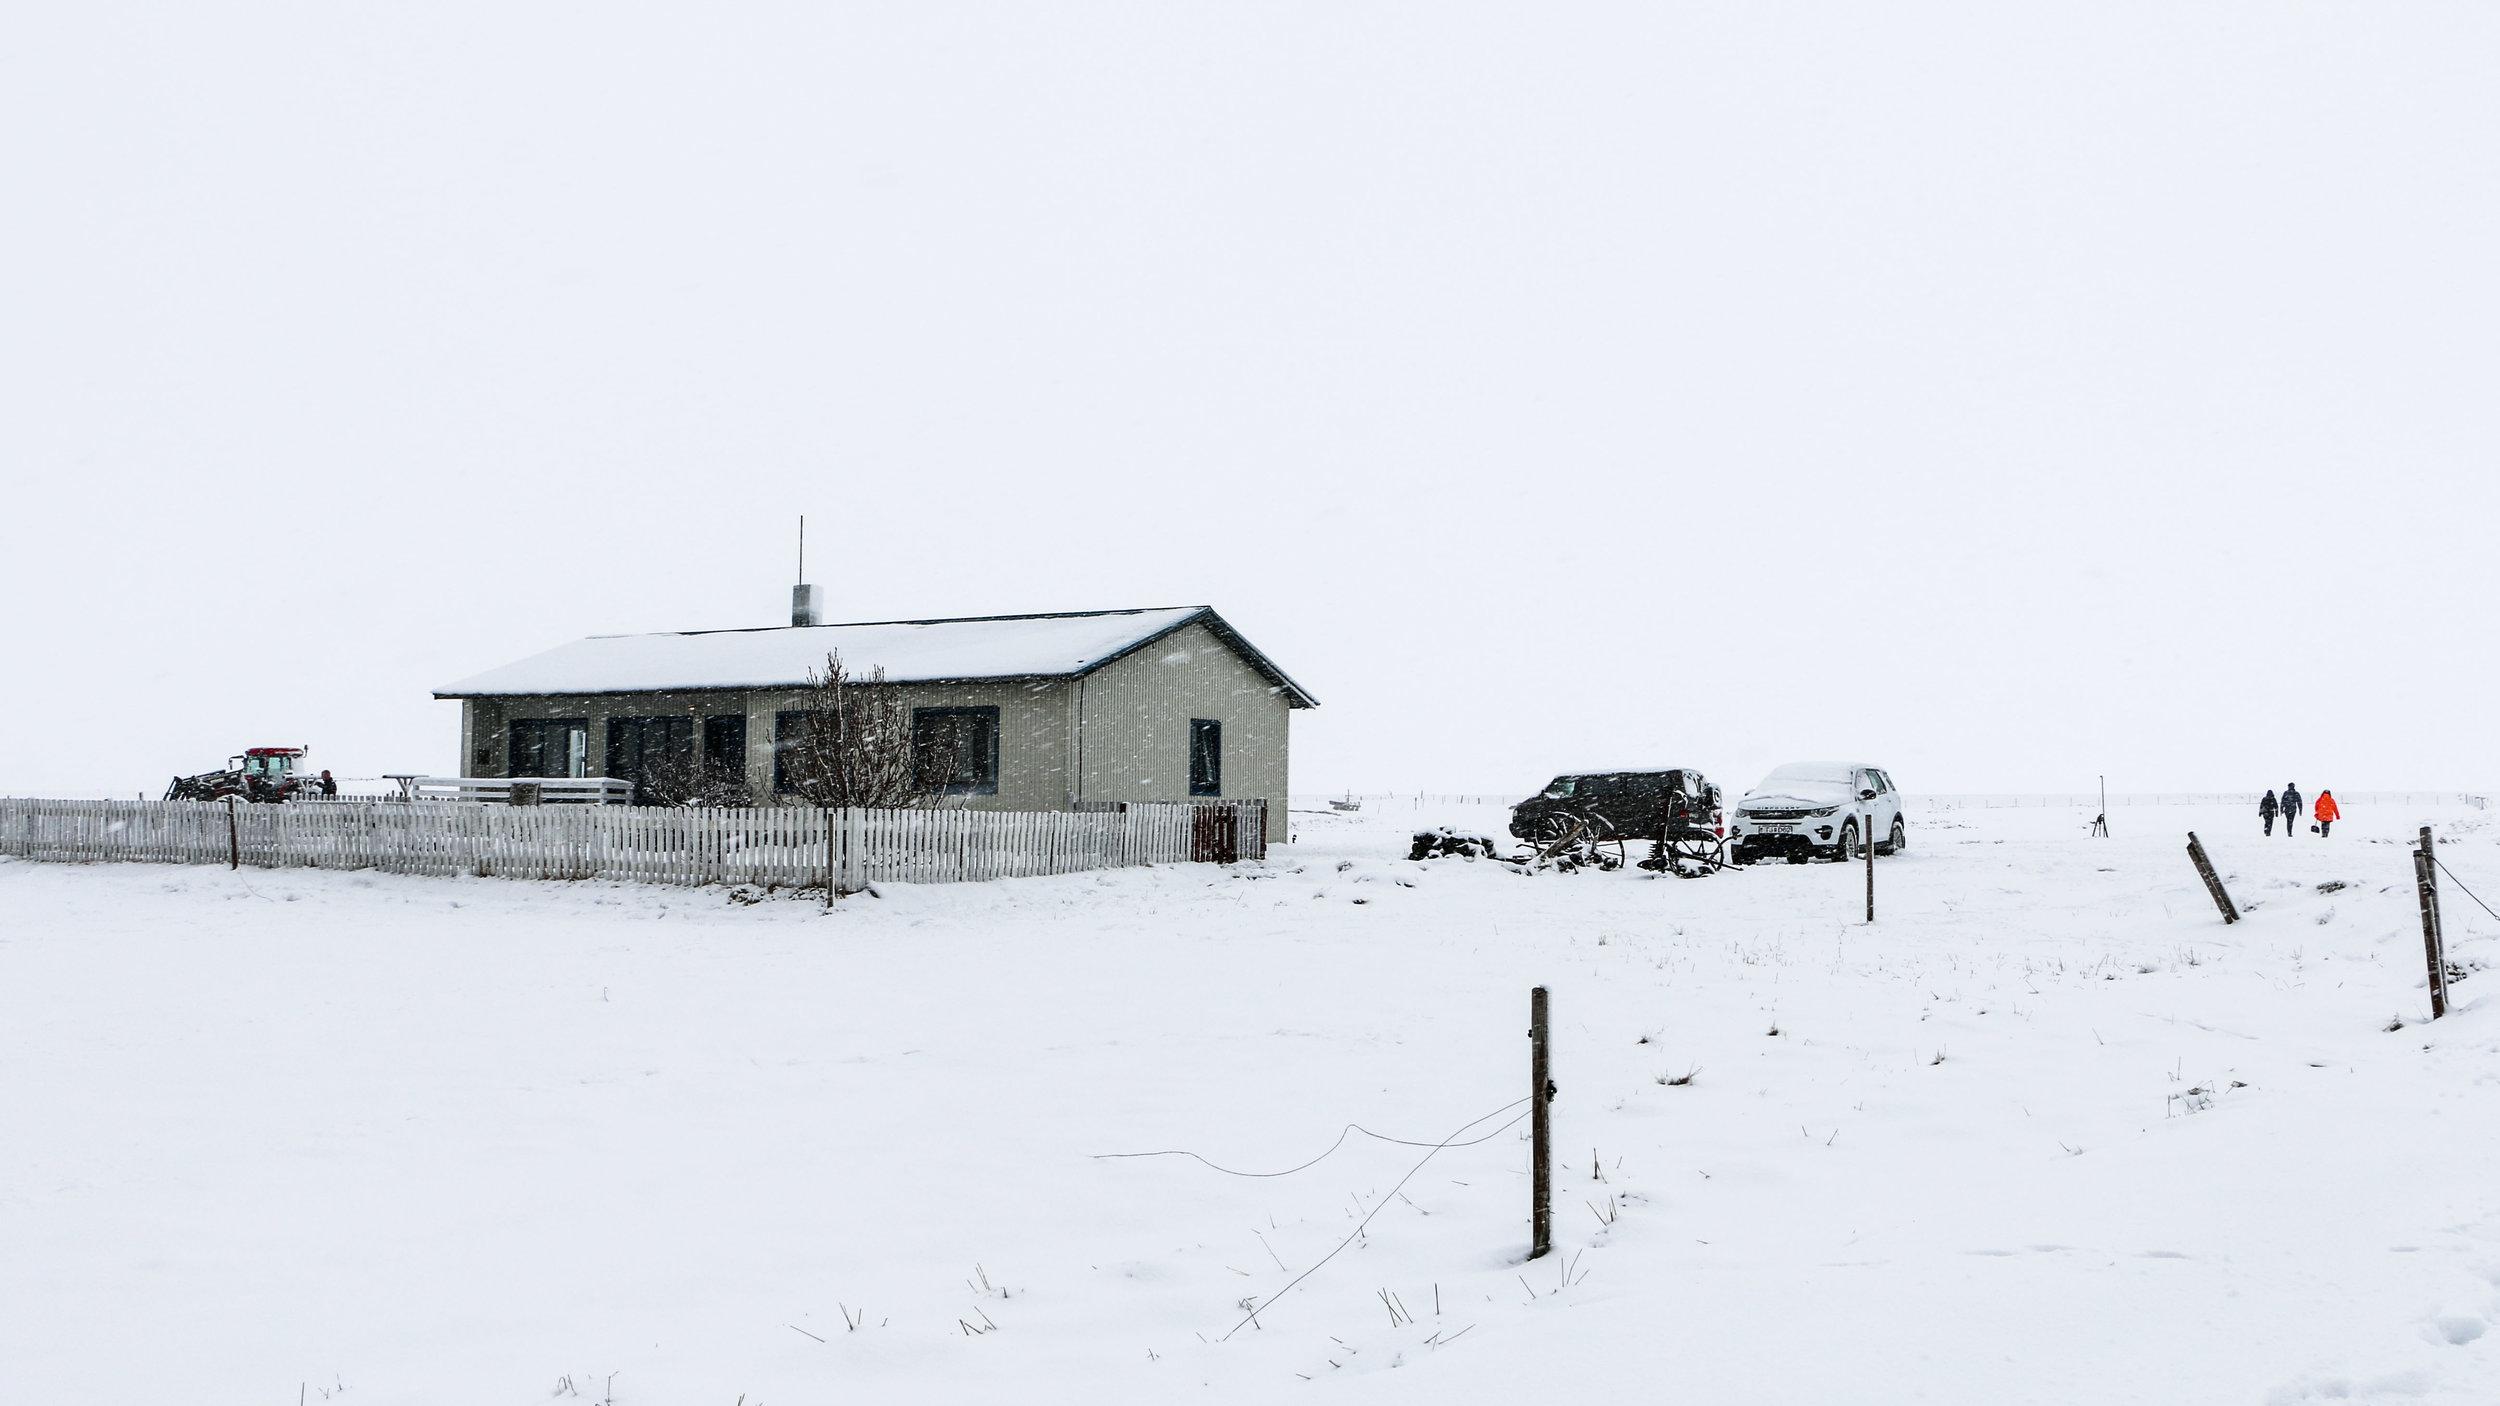 Neðri - Hóll House